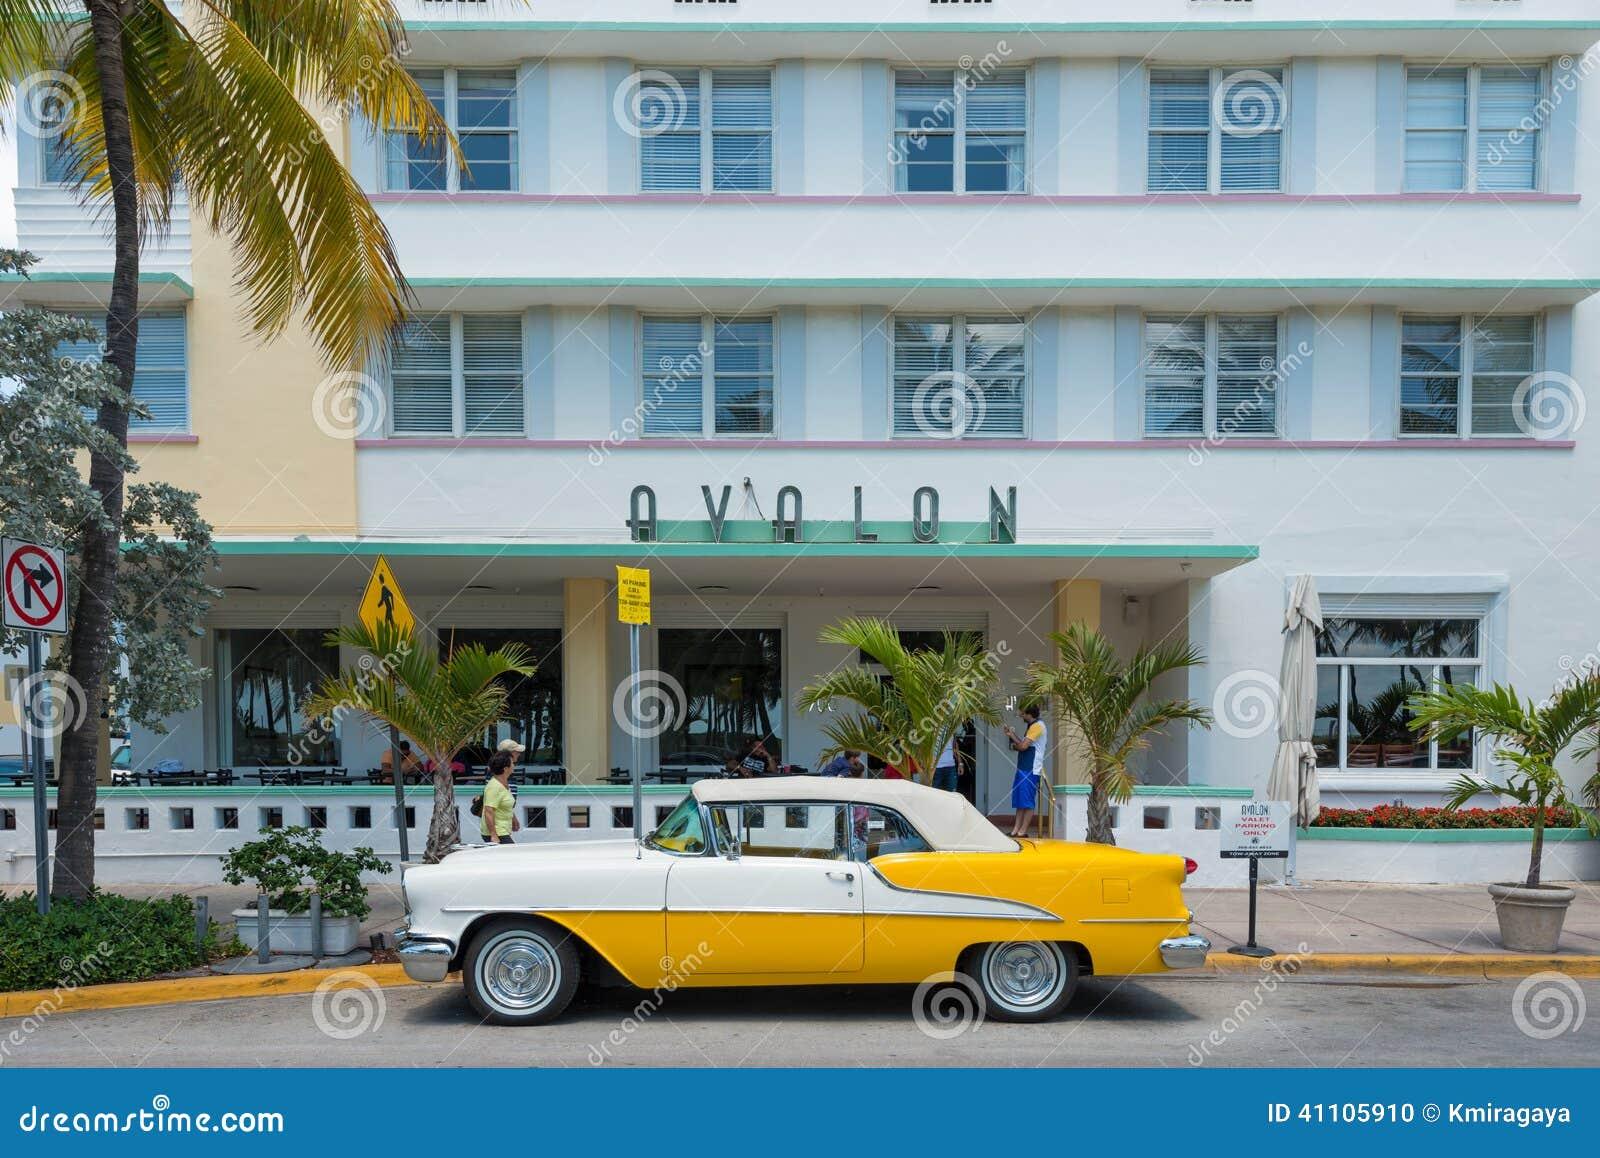 Miami Florida Car Dealer